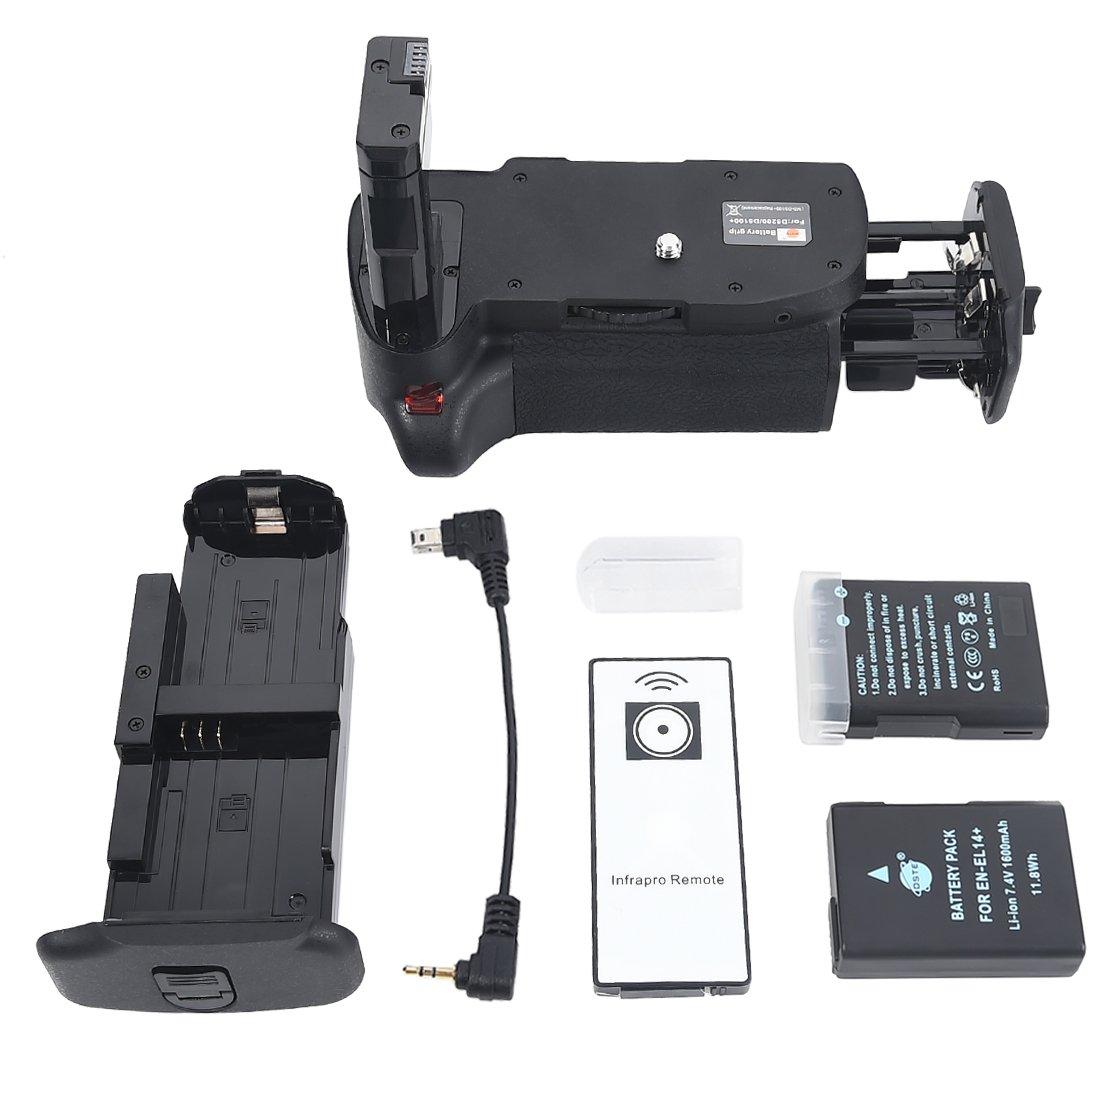 DSTE® Pro IR Remote MB-D51 Vertical Battery Grip + 2x EN-EL14 EN-EL14A for Nikon D5100 D5200 SLR Digital Camera